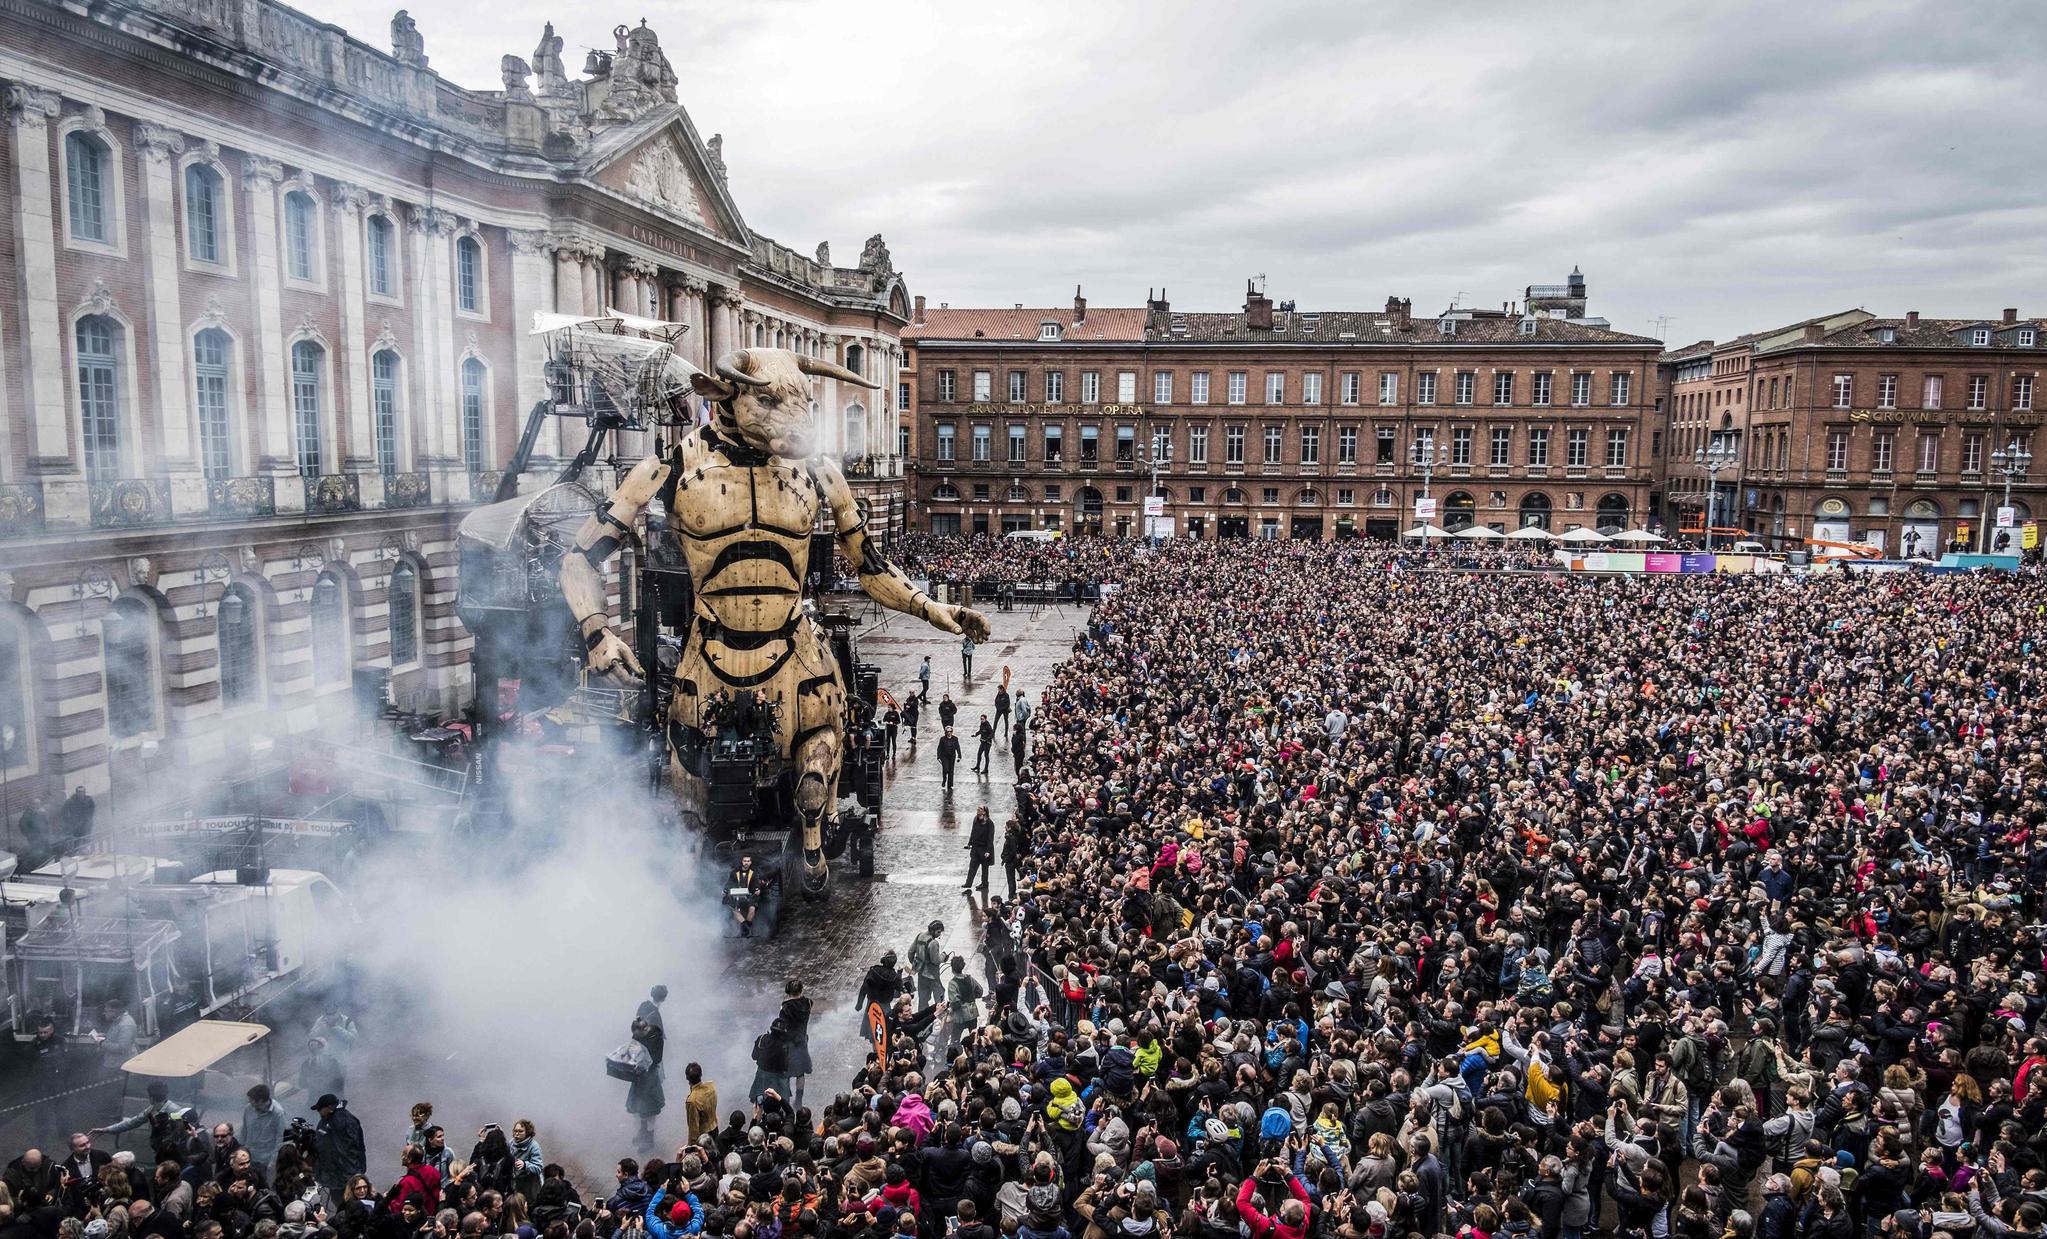 지난 2일(현지시간) 프랑스 툴루즈에서 'Le Gardien du Temple(성전의 수호자)'라는 제목의 거리 공연이 펼쳐지고 있다. [AFP=연합뉴스]